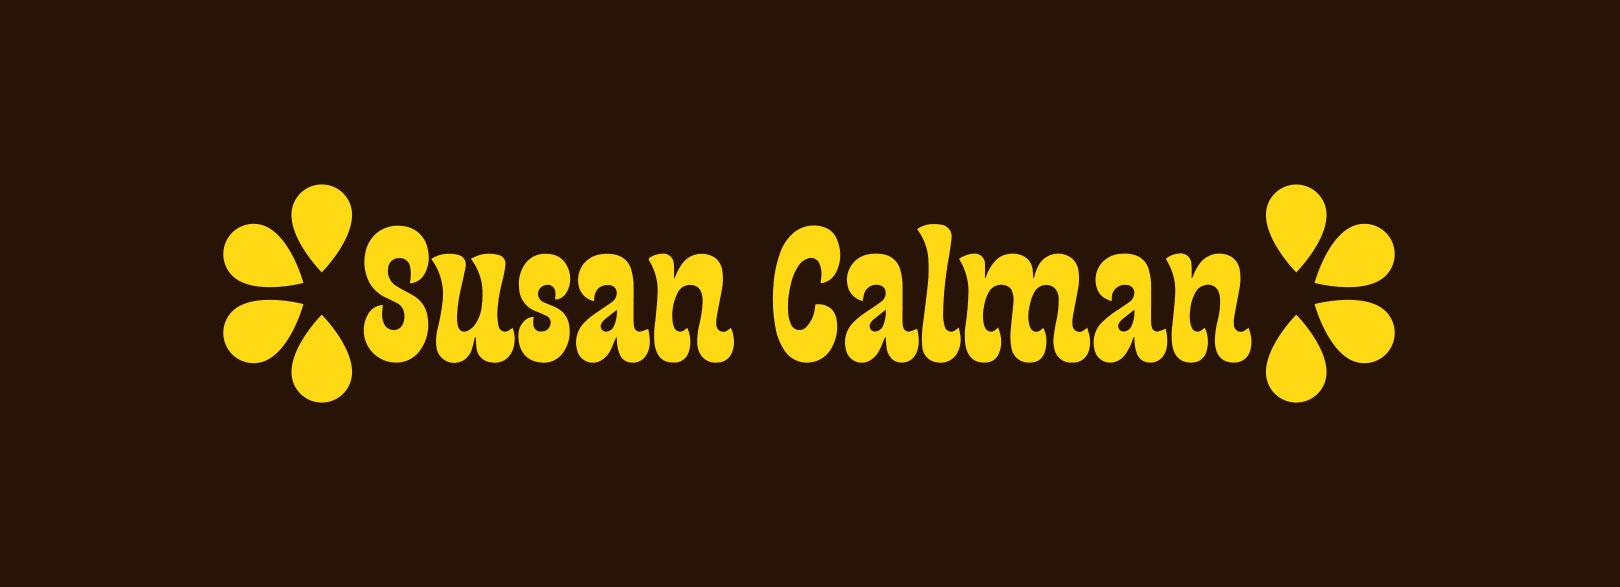 Susan Calman Logo